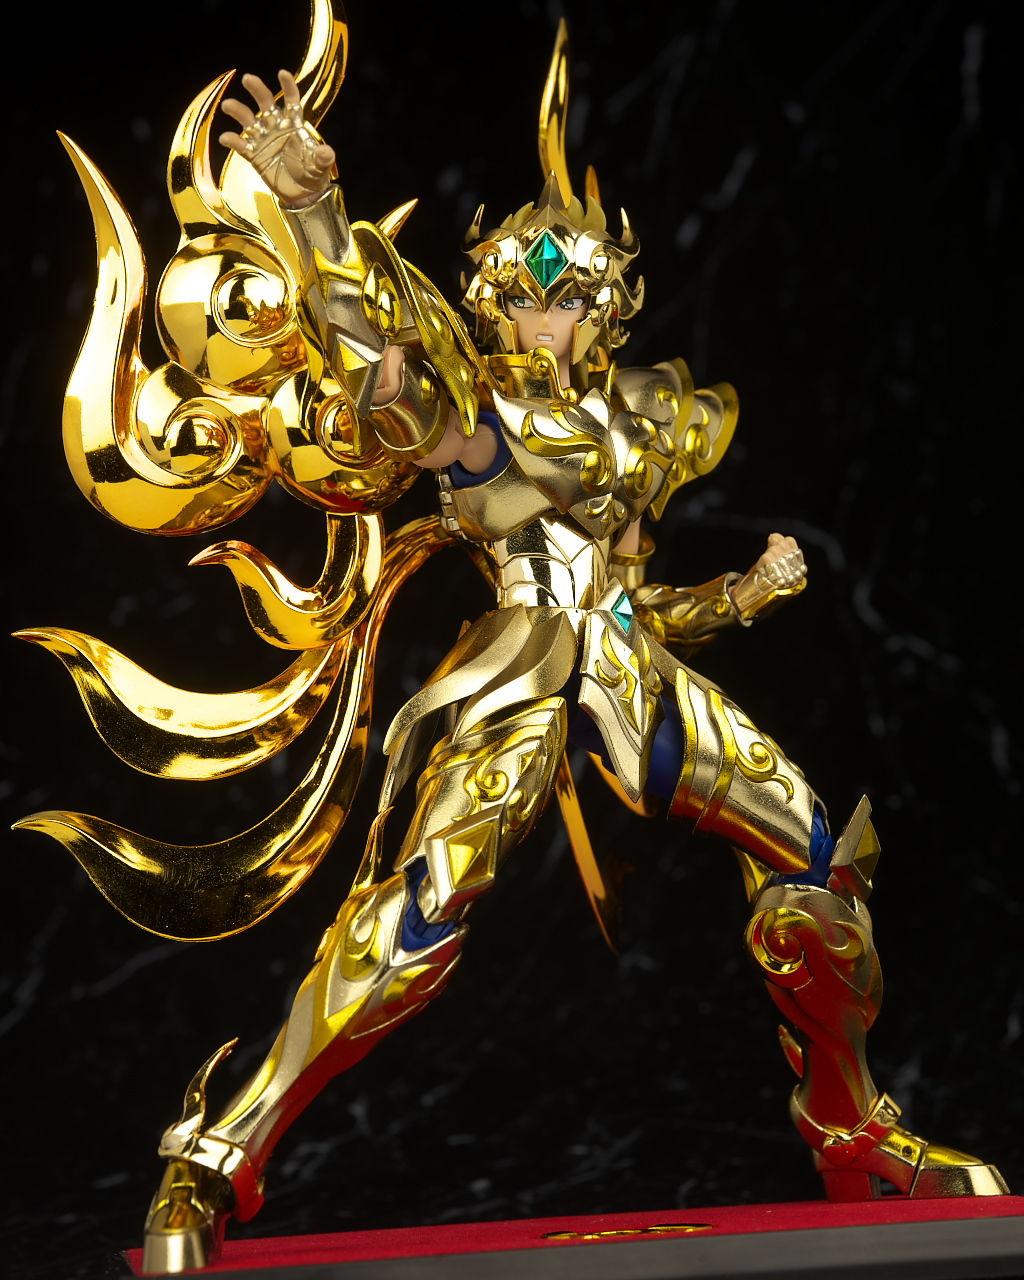 [Comentários] Saint Cloth Myth EX - Soul of Gold Aiolia de Leão - Página 9 HmLxHf3W